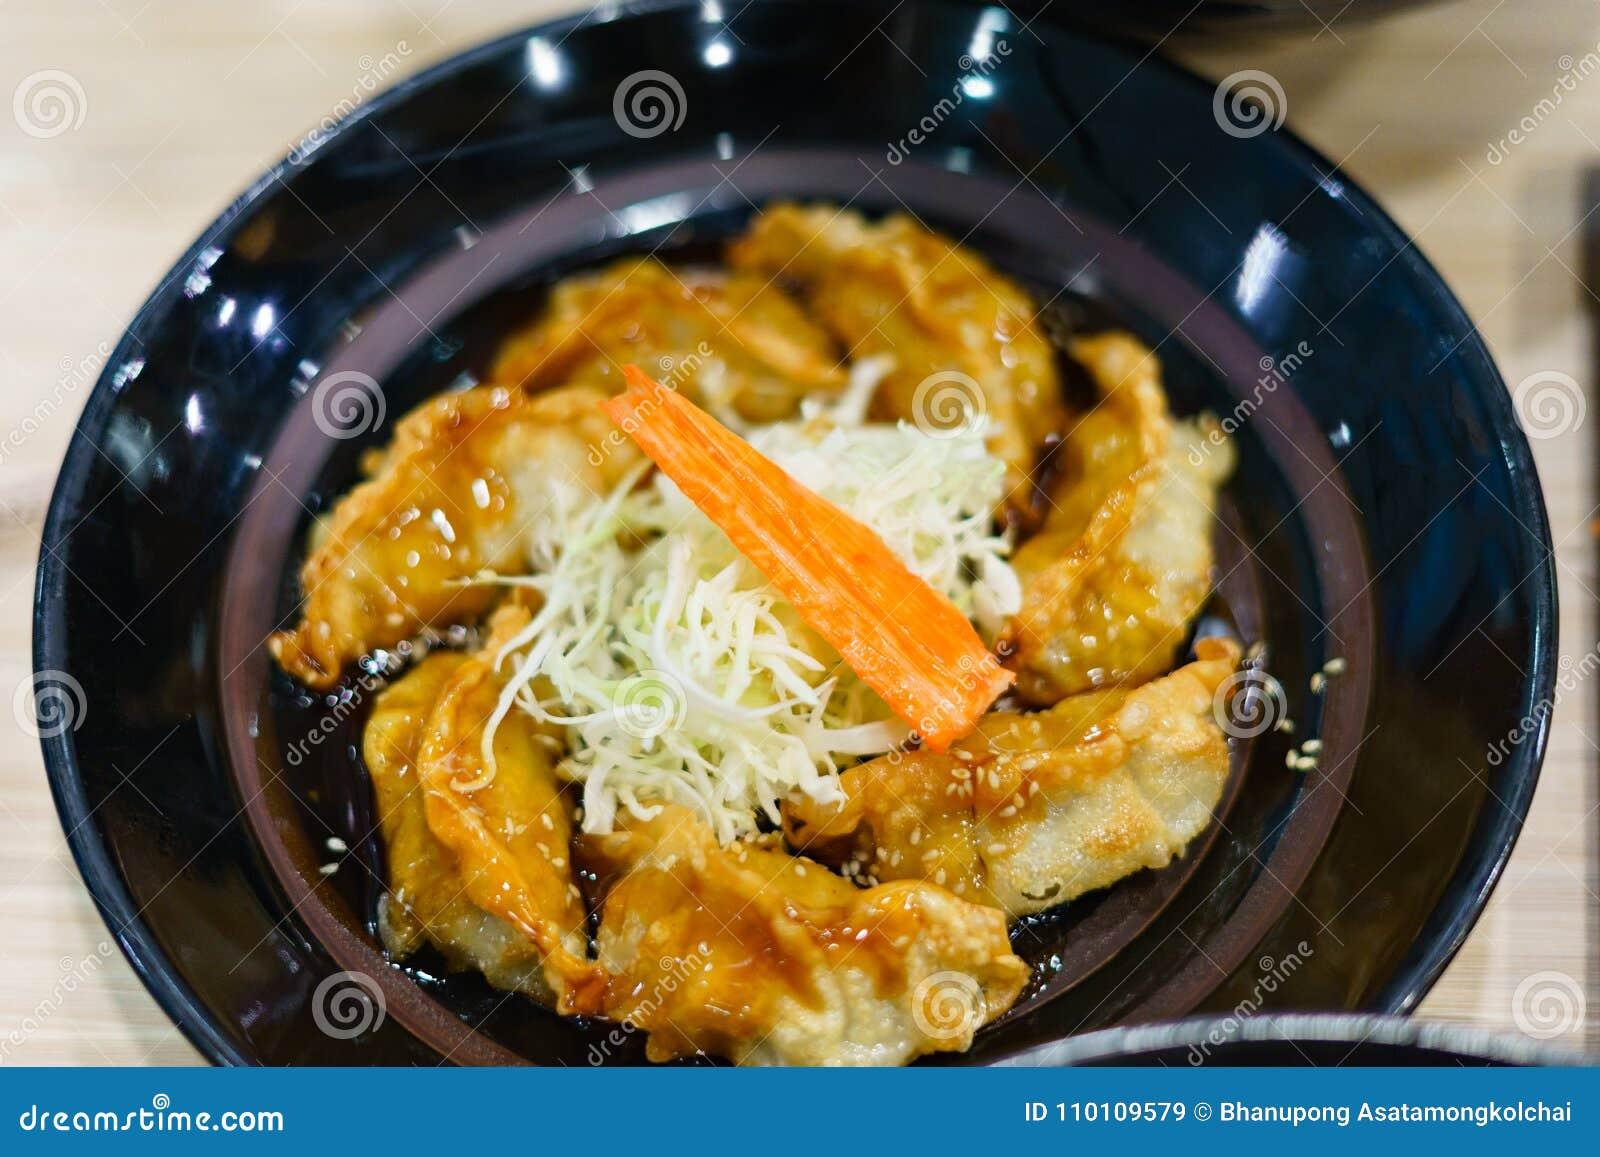 Broiled Gyoza in black dish